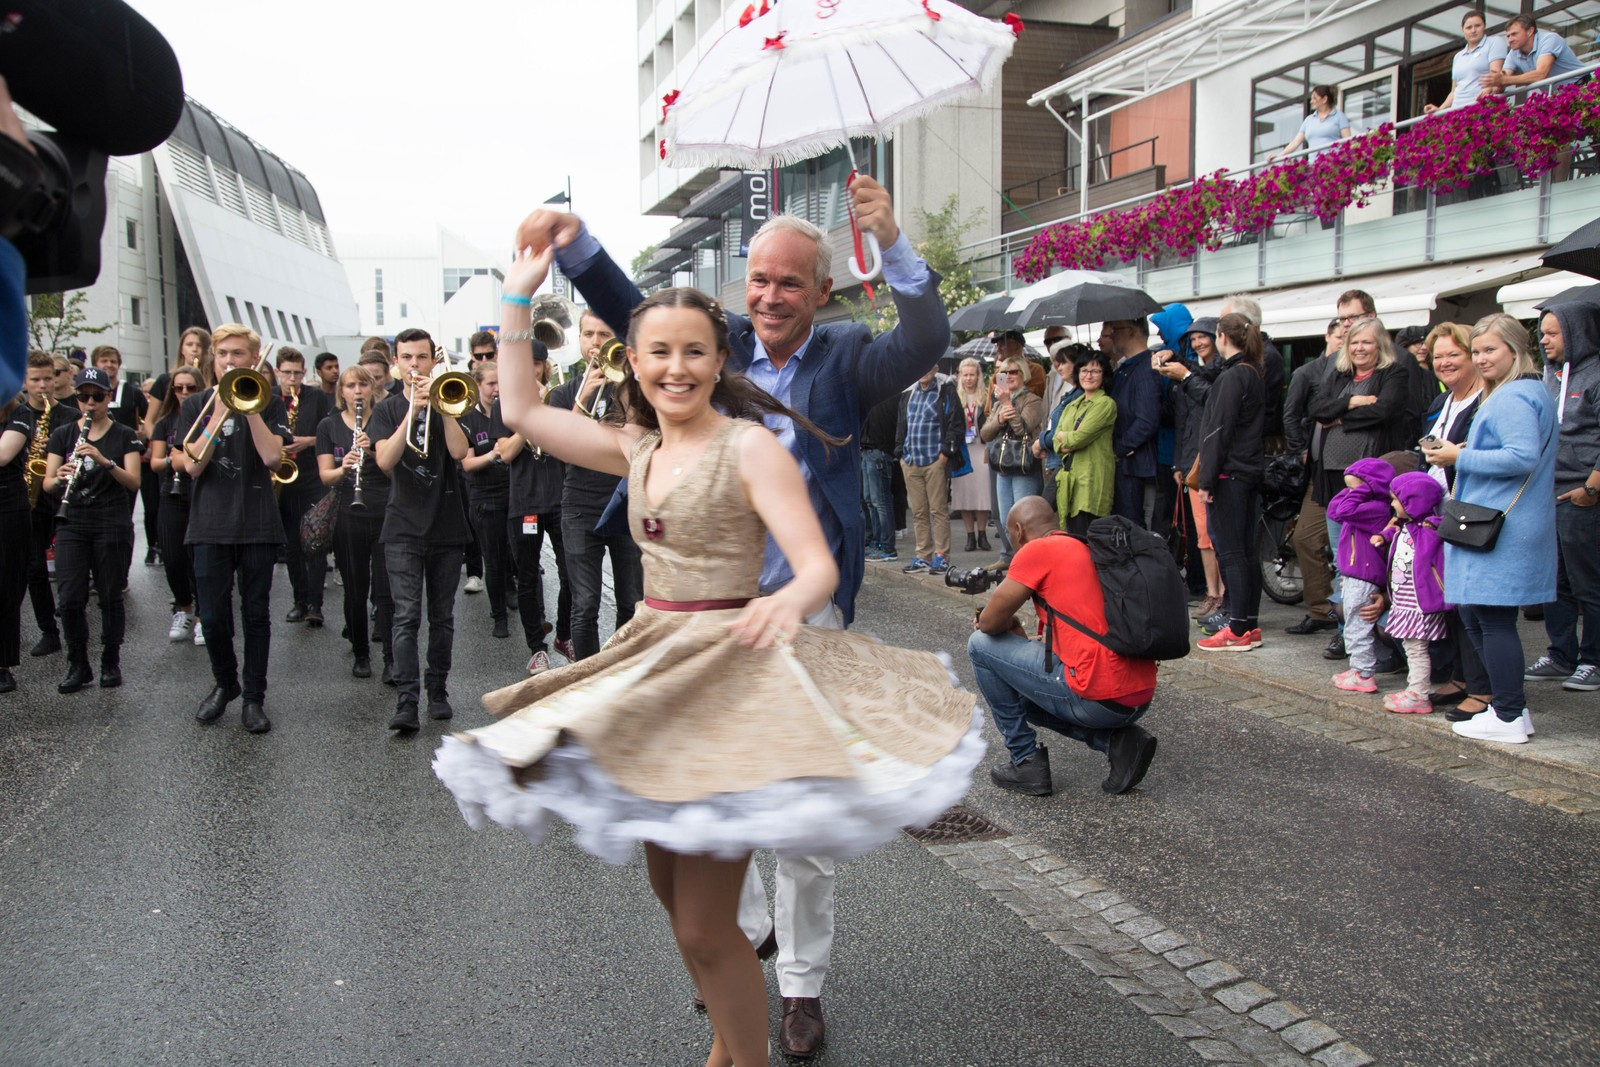 Kommunalminister Jan Tore Sanner kunne ikke la være å danse. Under åpningstalen fortalte han at han slett ikke hadde tenkt å la dansefoten ta overhånd.